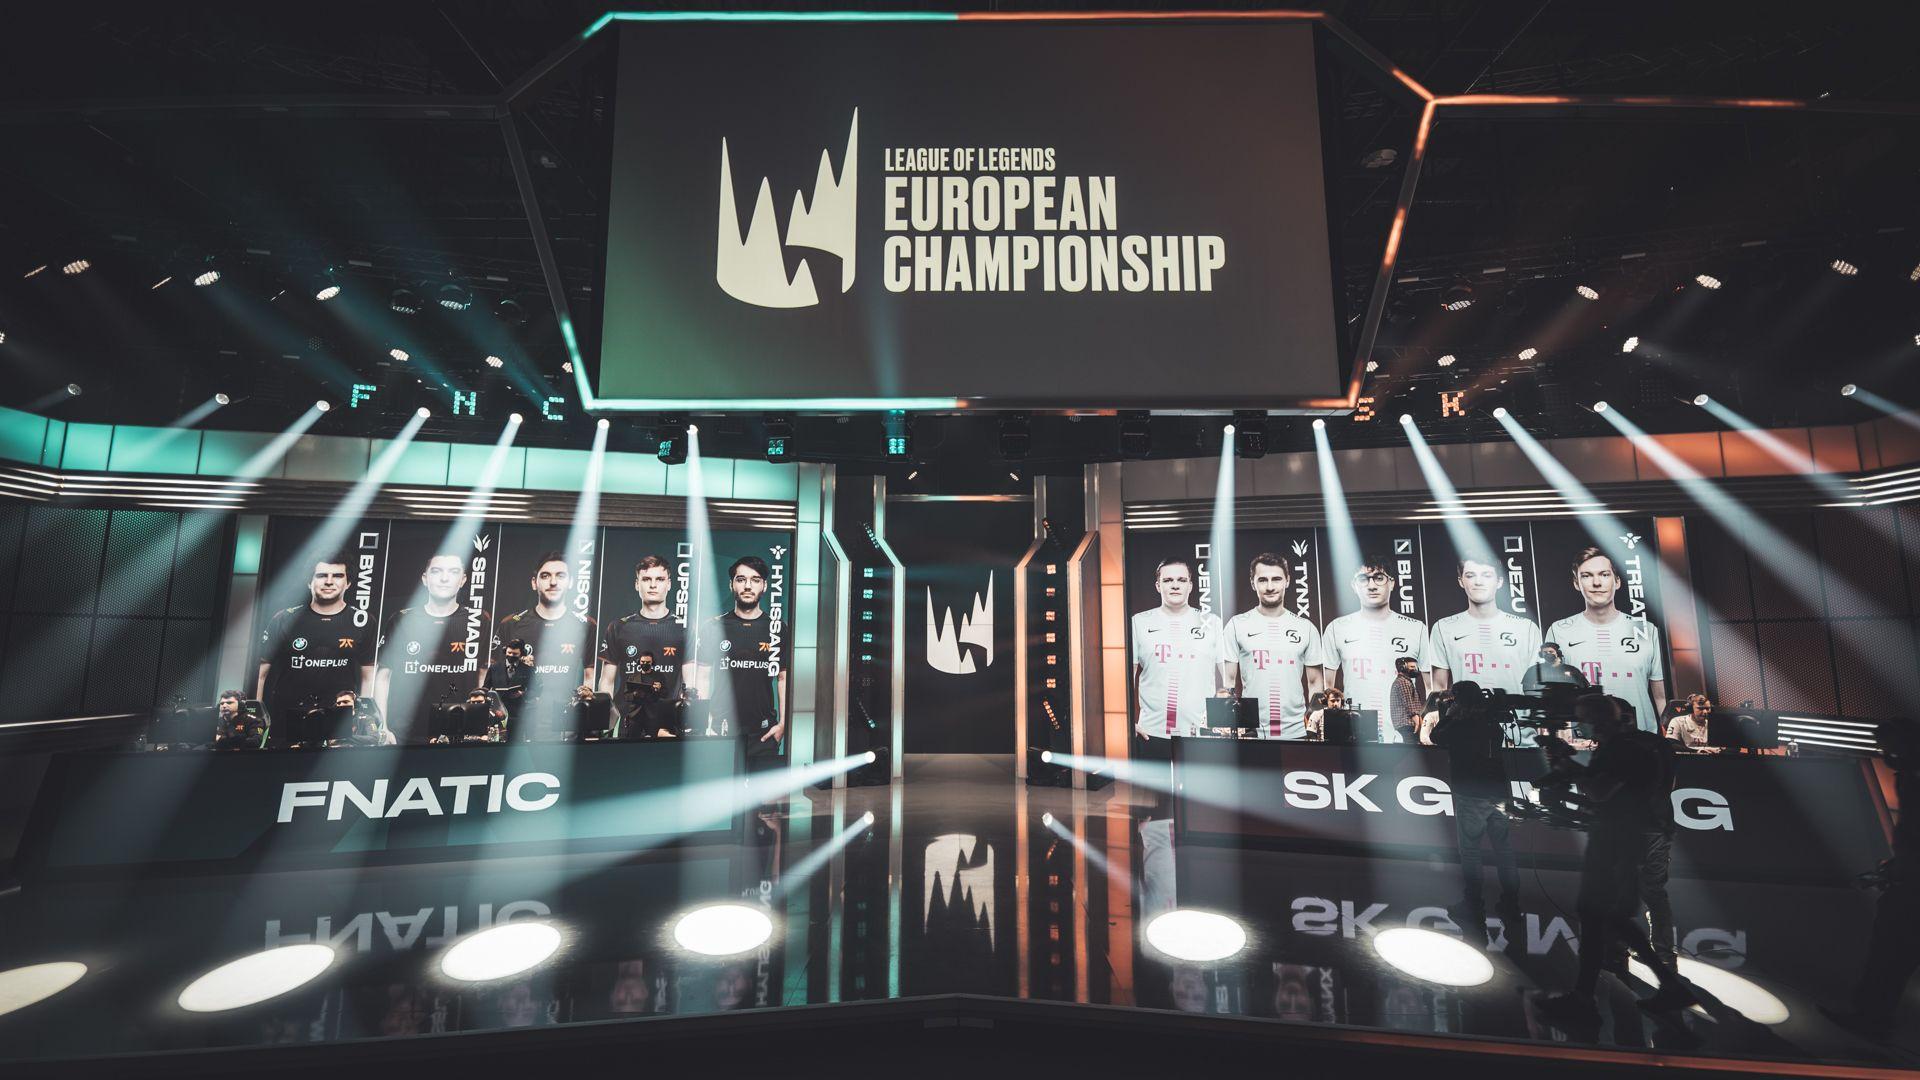 Laga pembukaan babak playoff LEC Spring 2021 antara Fnatic vs SK Gaming.